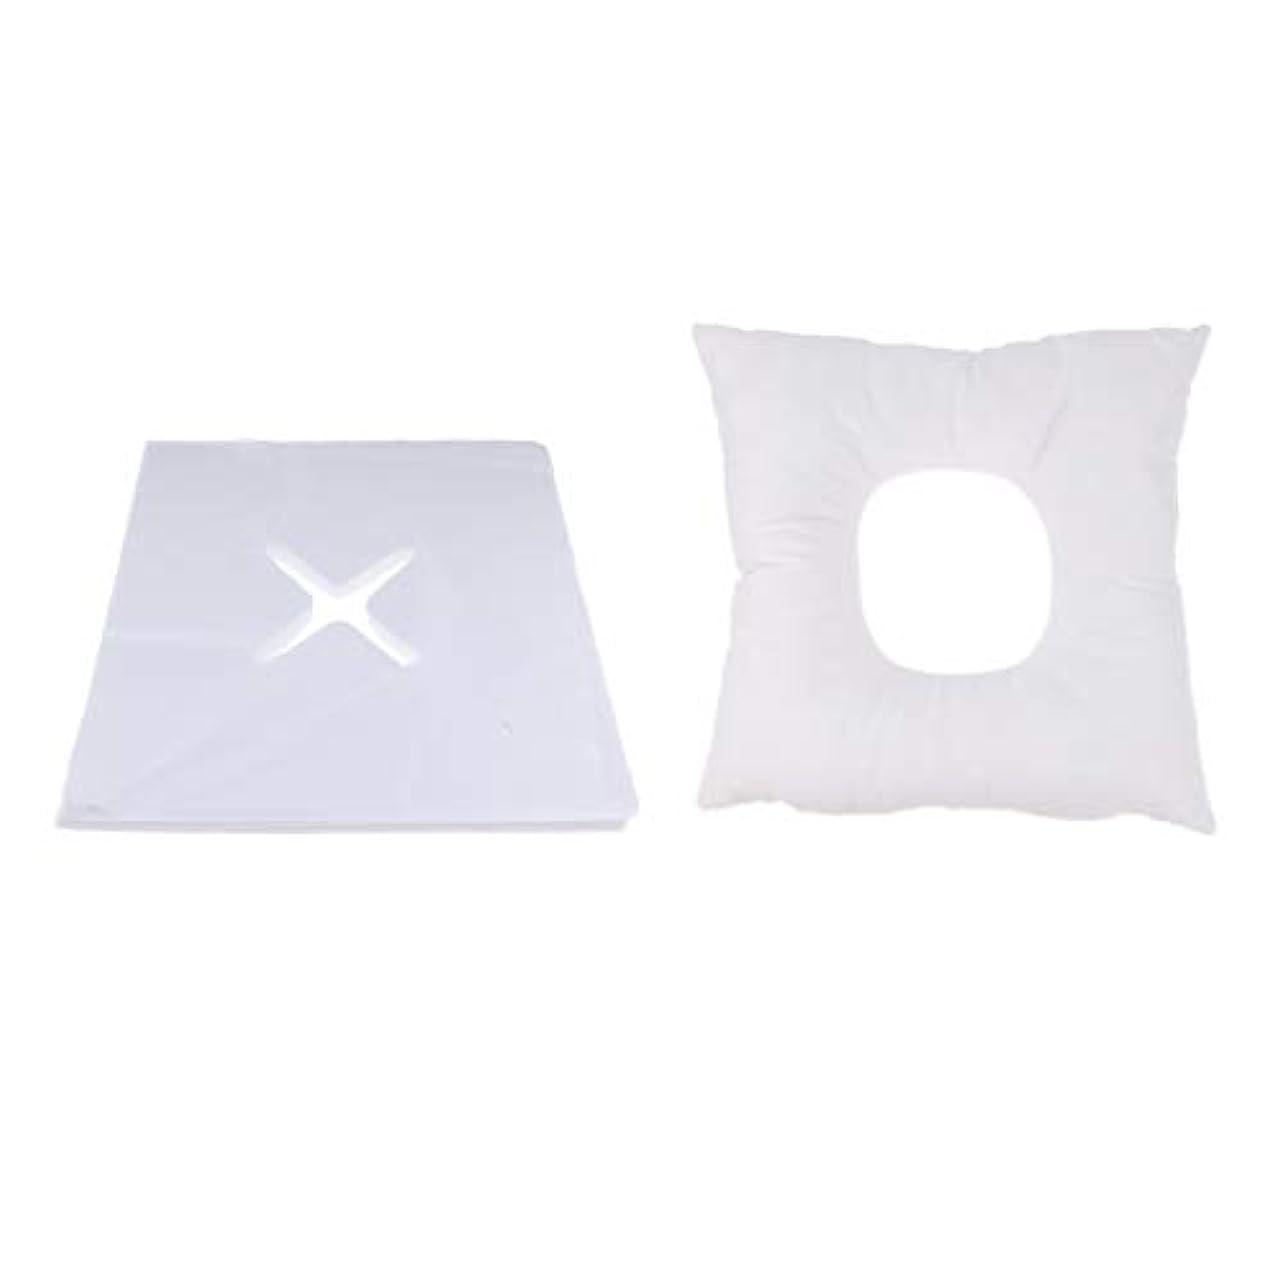 み頻繁に蚊マッサージ枕 顔枕 フェイスマット フェイスピロー 200個使い捨てカバー付 マッサージテーブル用 快適